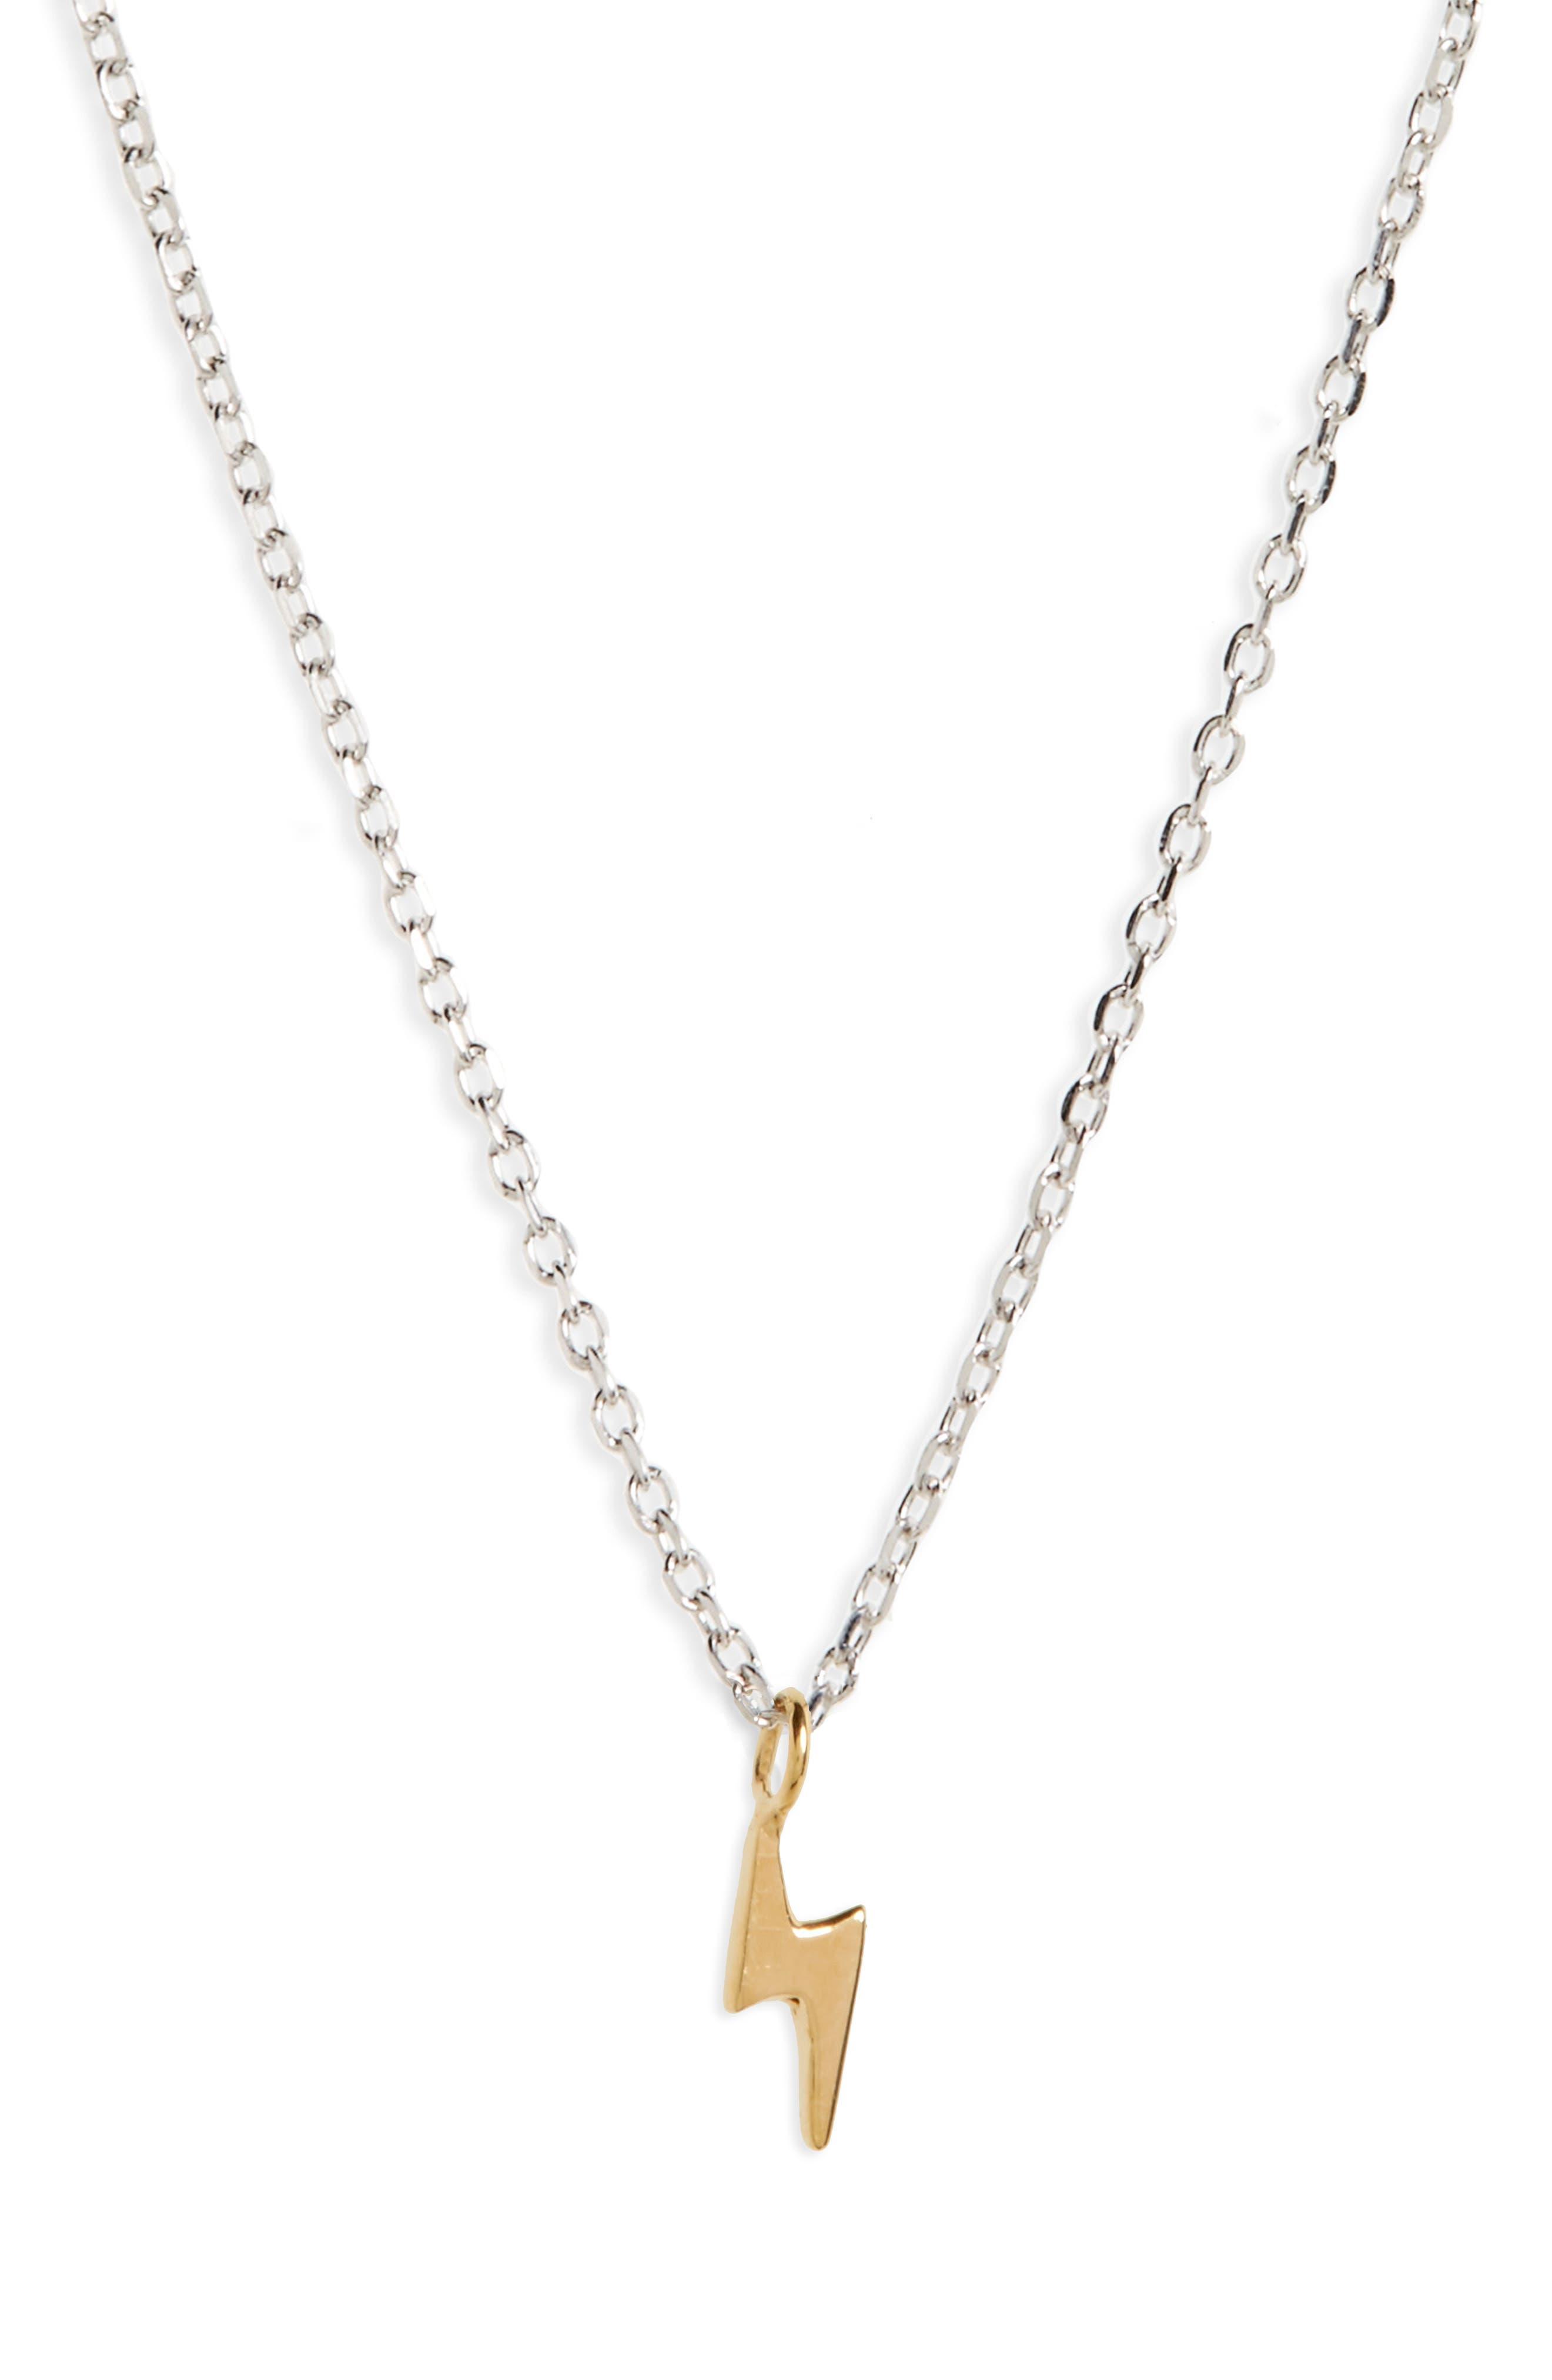 Vermeil Pendant Necklace,                             Main thumbnail 1, color,                             LIGHTENING/ GOLD